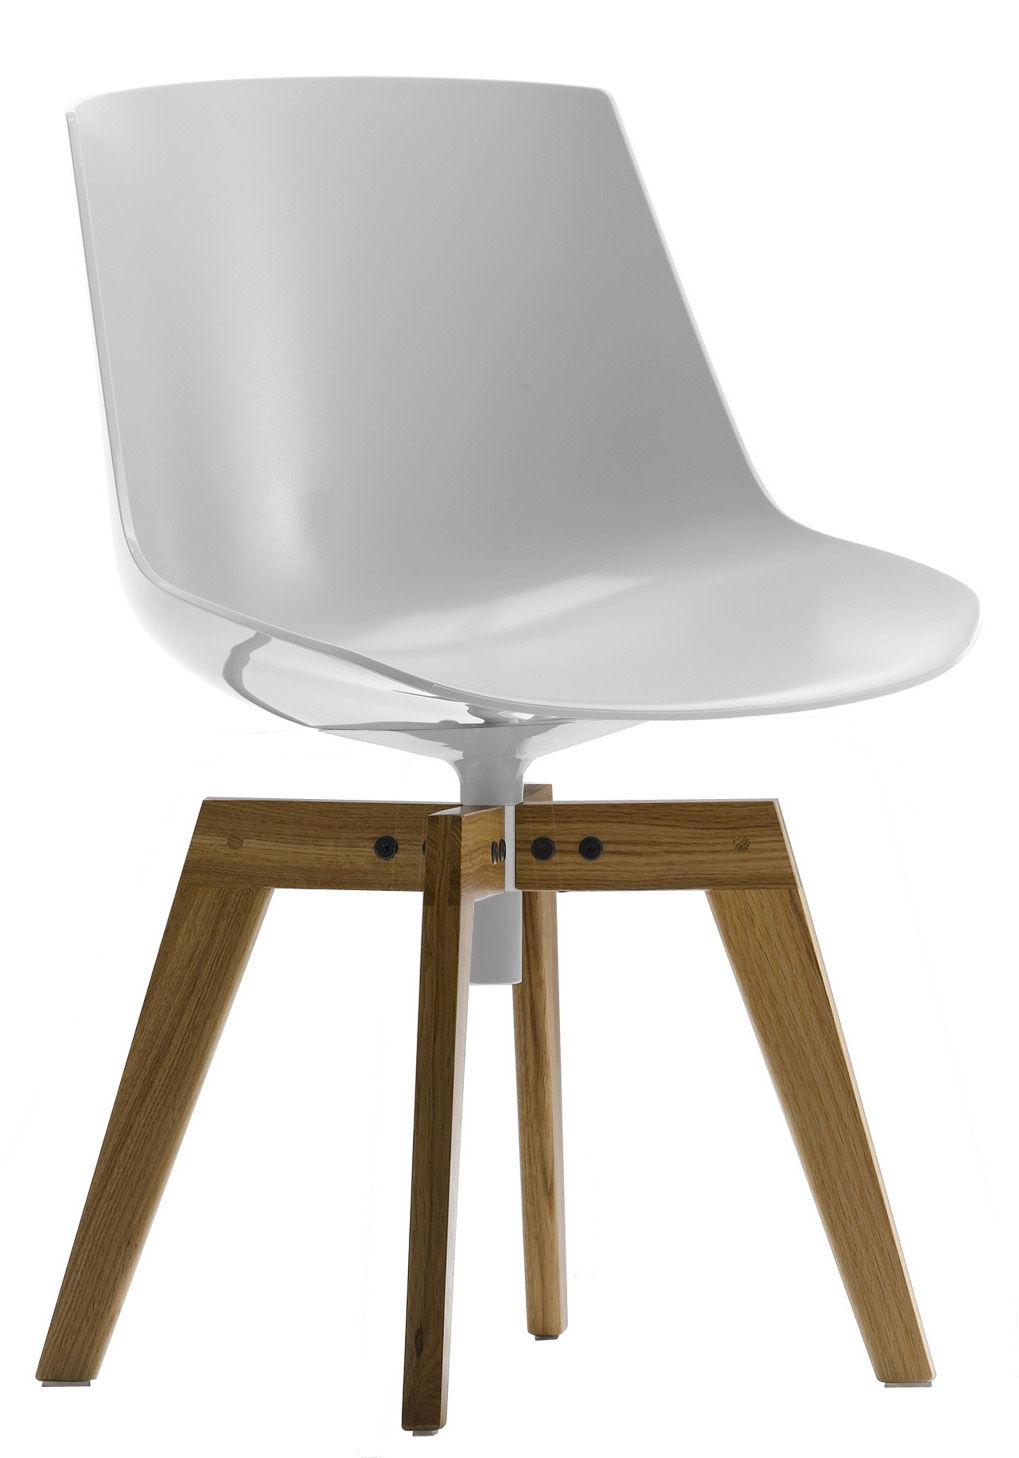 Möbel - Stühle  - Flow Drehstuhl Gestell aus Eiche -  drehbarer Stuhl - MDF Italia - Glänzend weiß - Gestell Eichenholz - Eiche, Polykarbonat